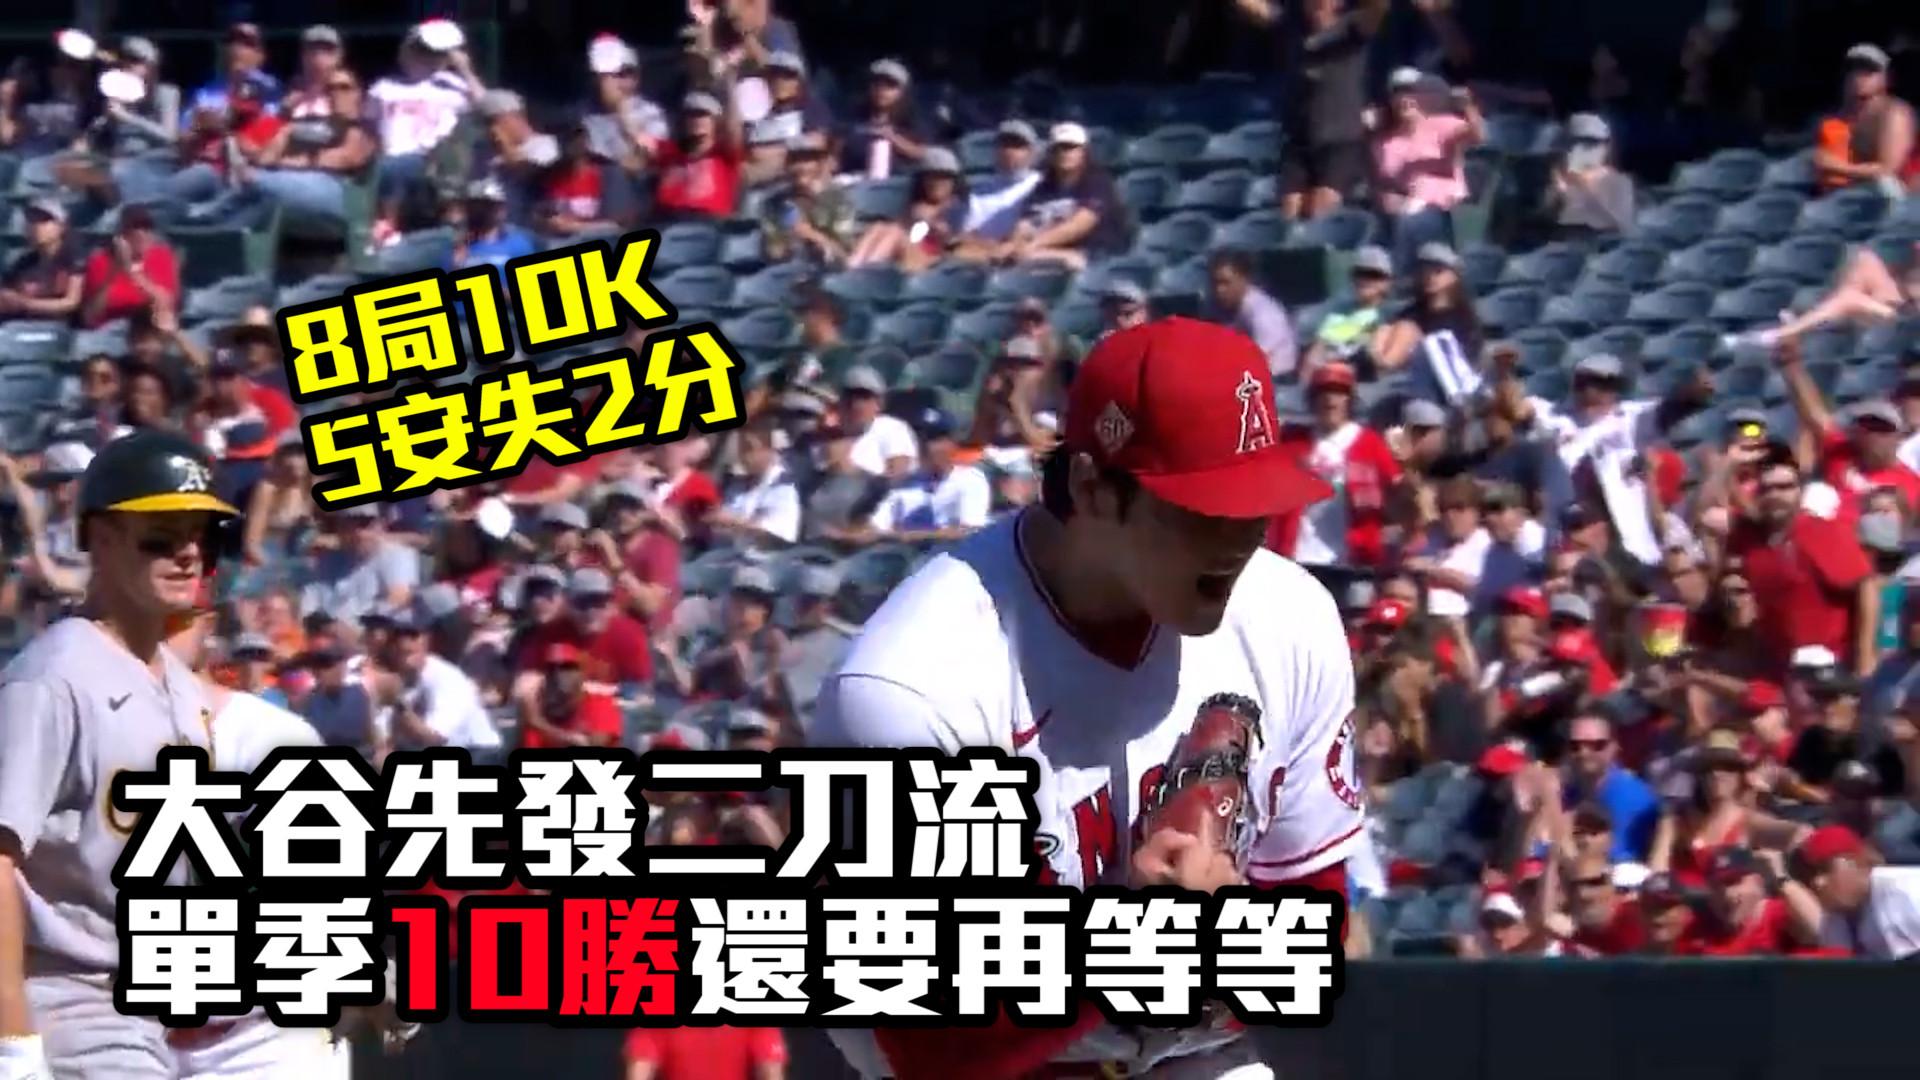 【MLB看愛爾達】大谷二刀流8局飆10K 單季十勝還要再等 9/20